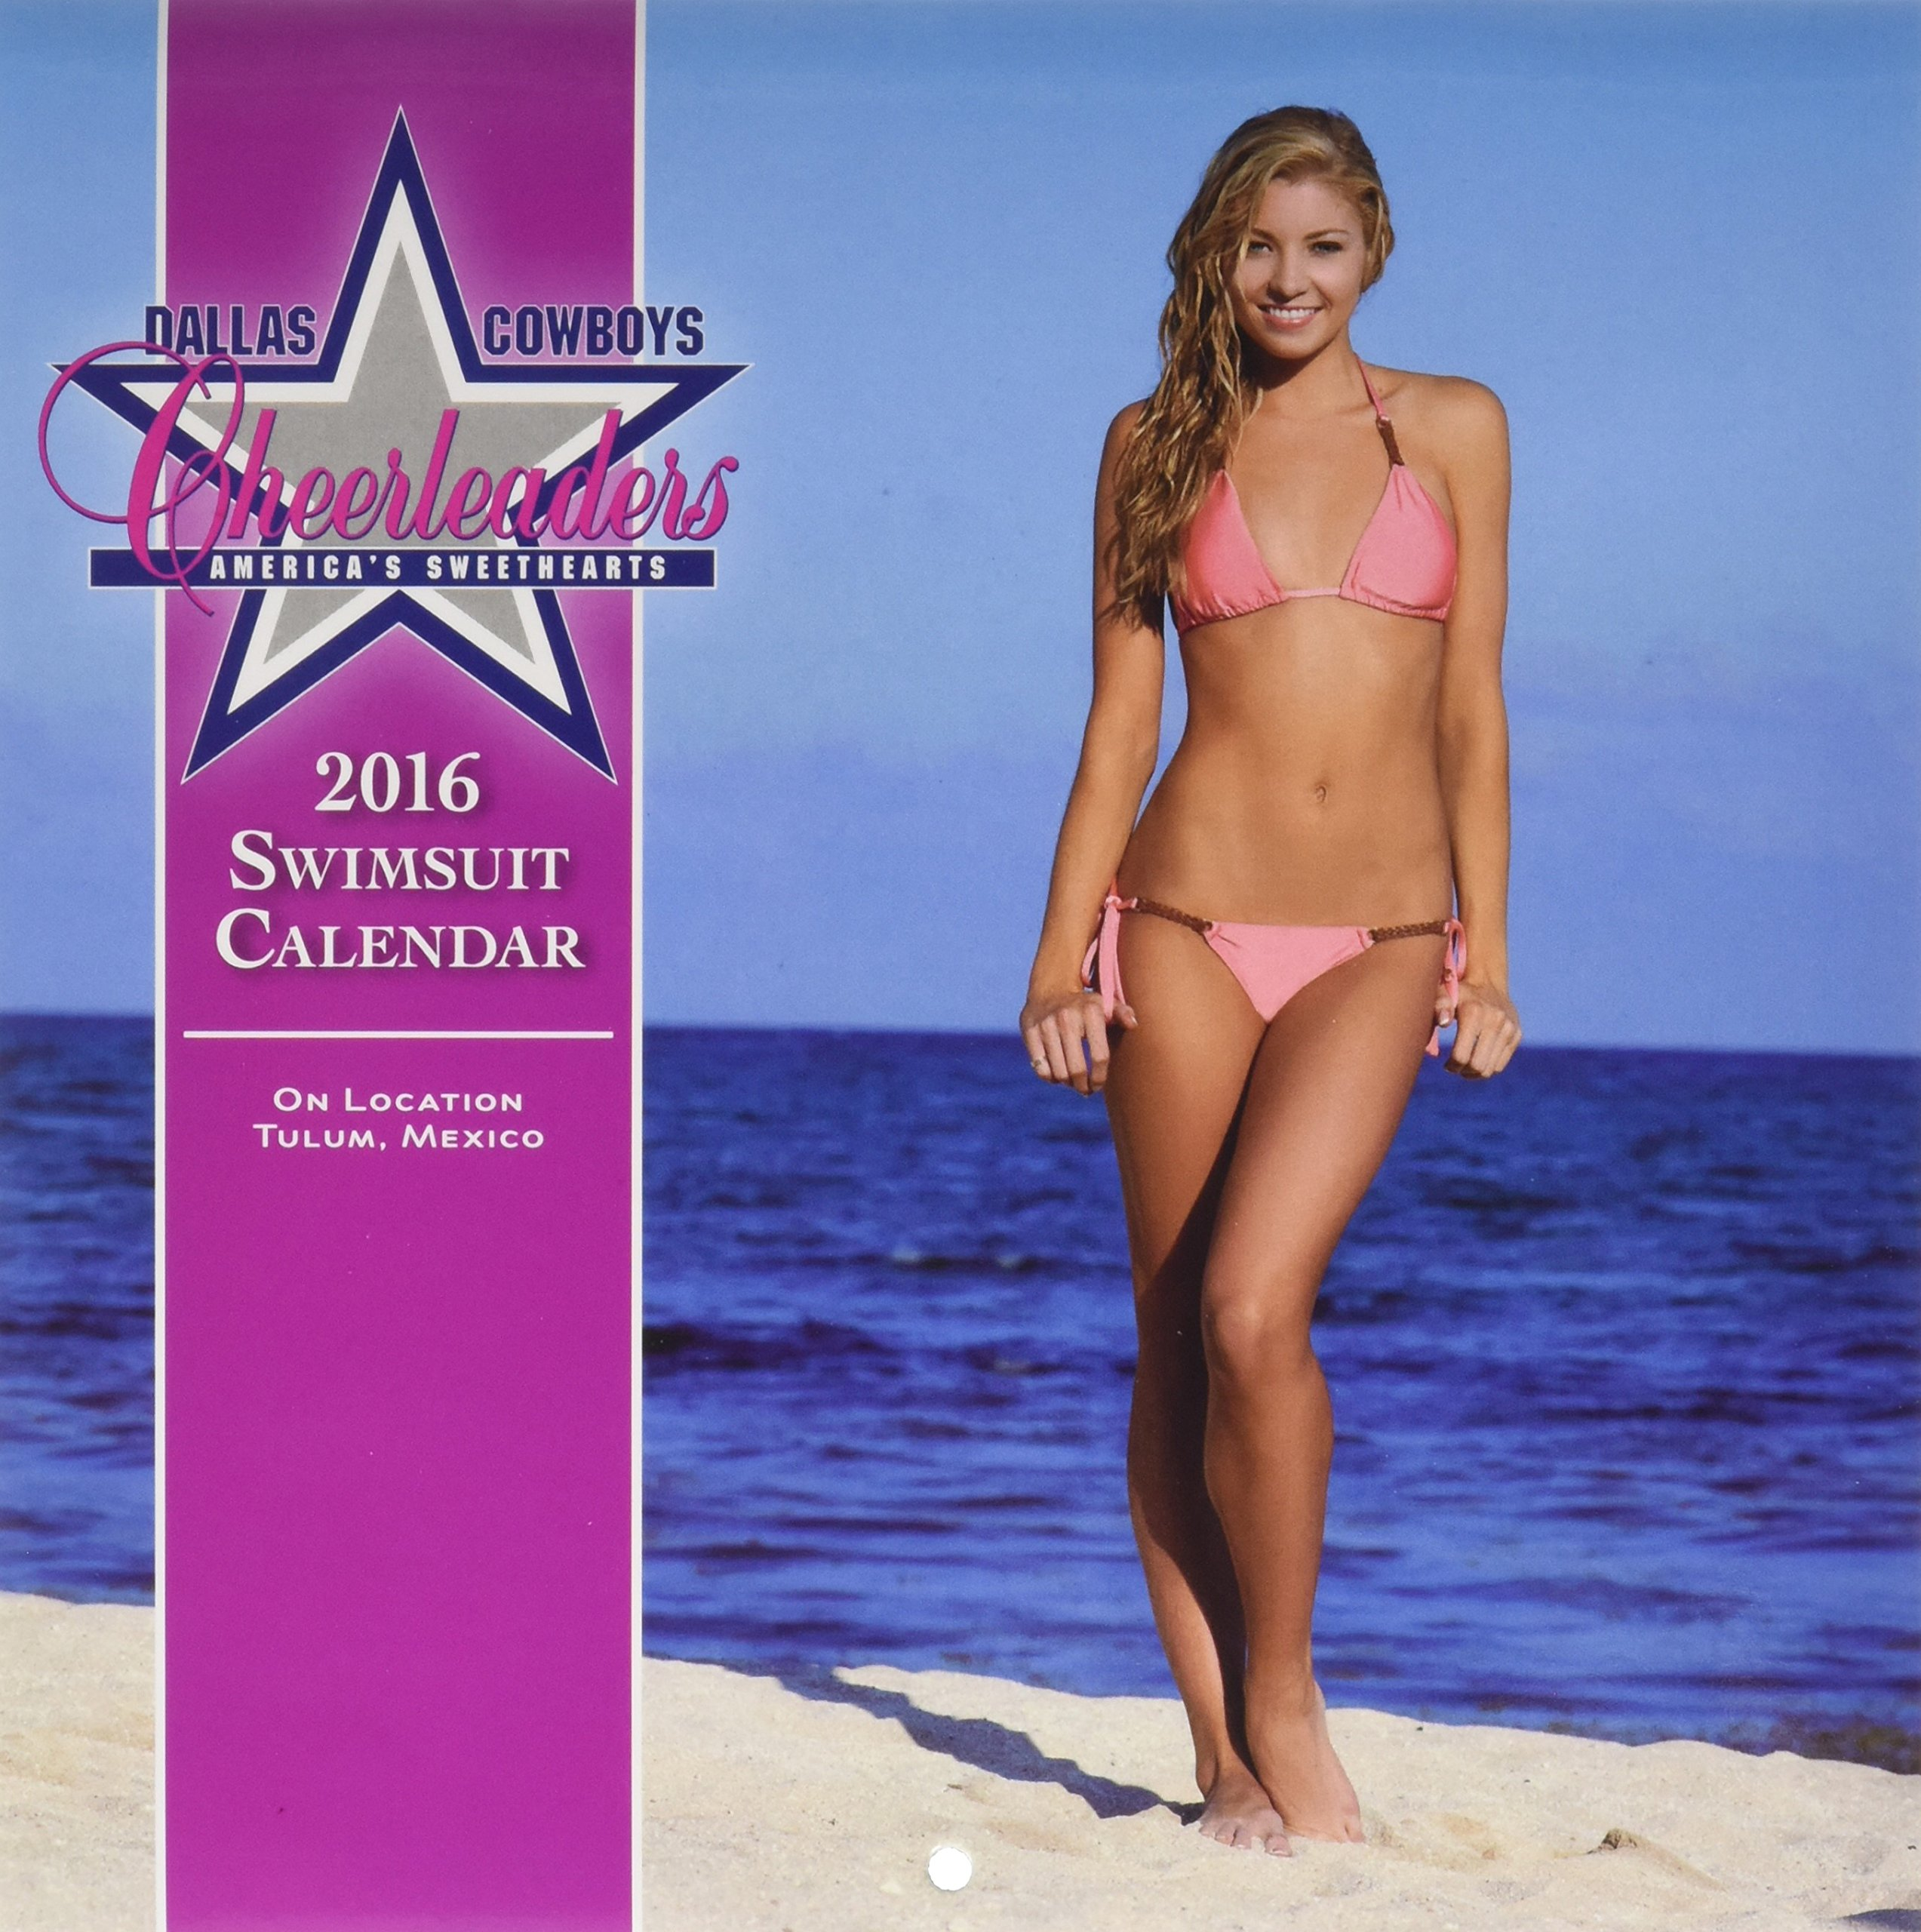 7f36c2dd7c Buy Turner Dallas Cowboy Cheerleaders 2016 Mini Wall Calendar